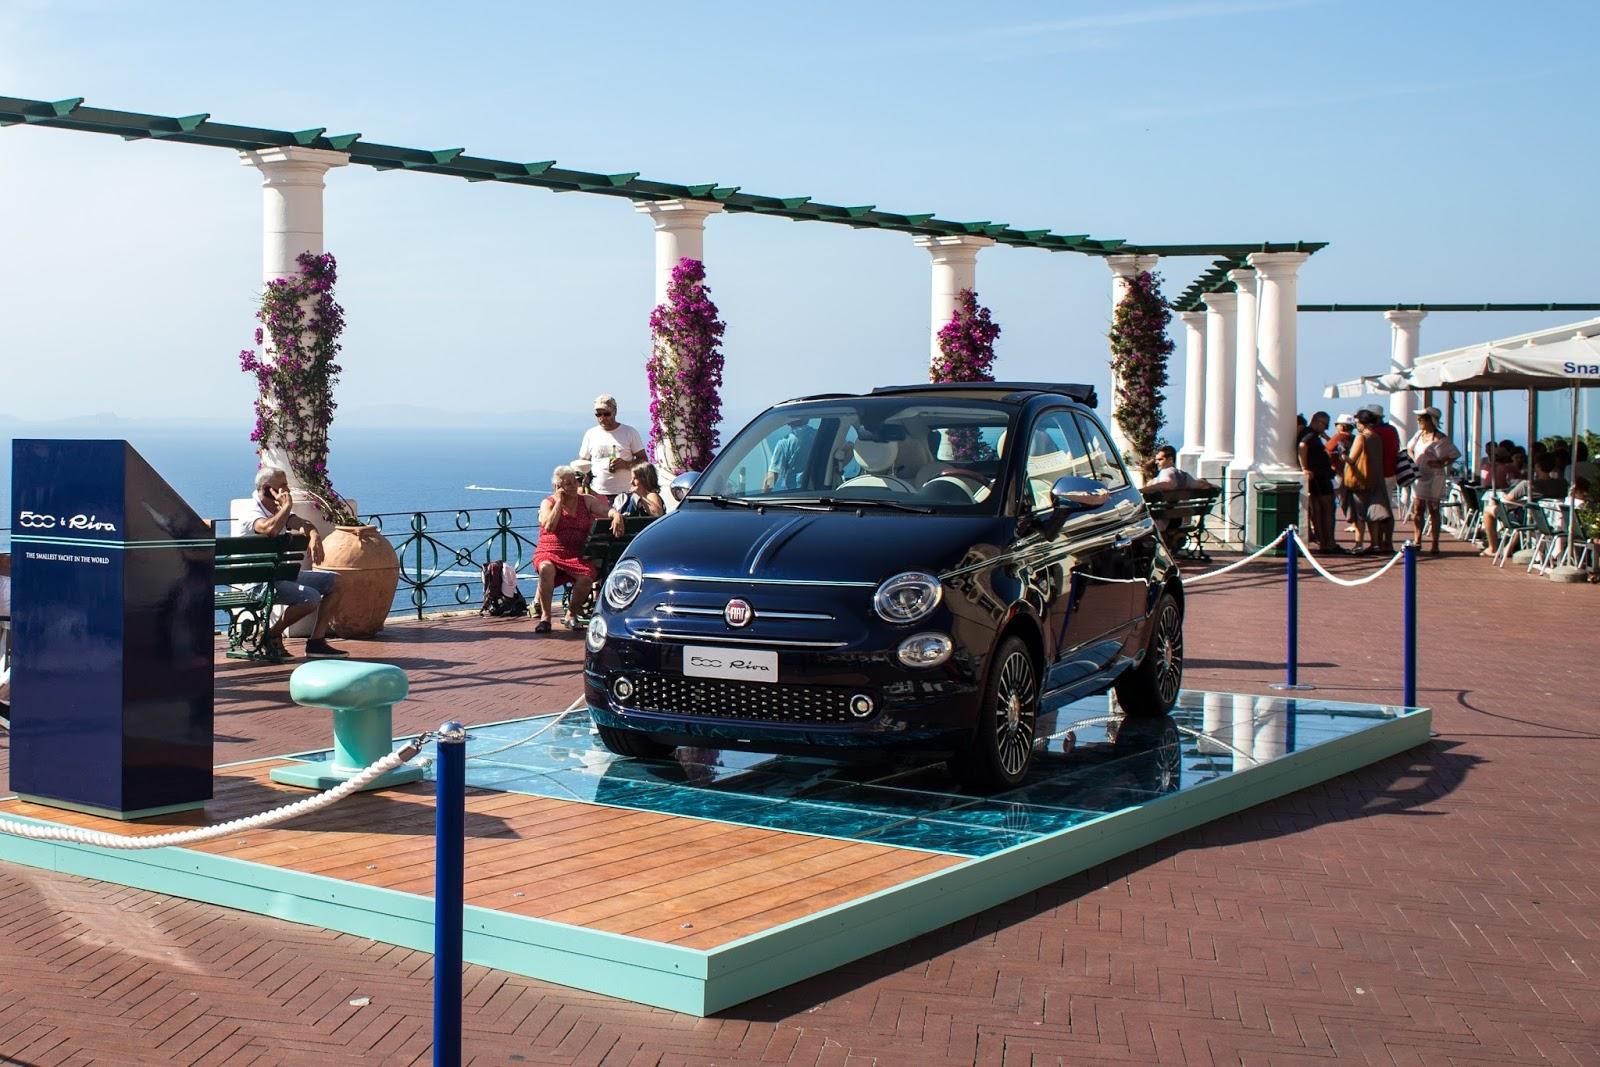 160705 Fiat 500 Capri 01 HP Η Fiat με όλα τα μέλη της οικογένειας της, στην έκθεση αυτοκινήτου 2016 στο Παρίσι autoshow, Fiat, fiat 124 spider, Fiat 500, Fiat 500 Riva, Fiat 500S, Fiat 500X